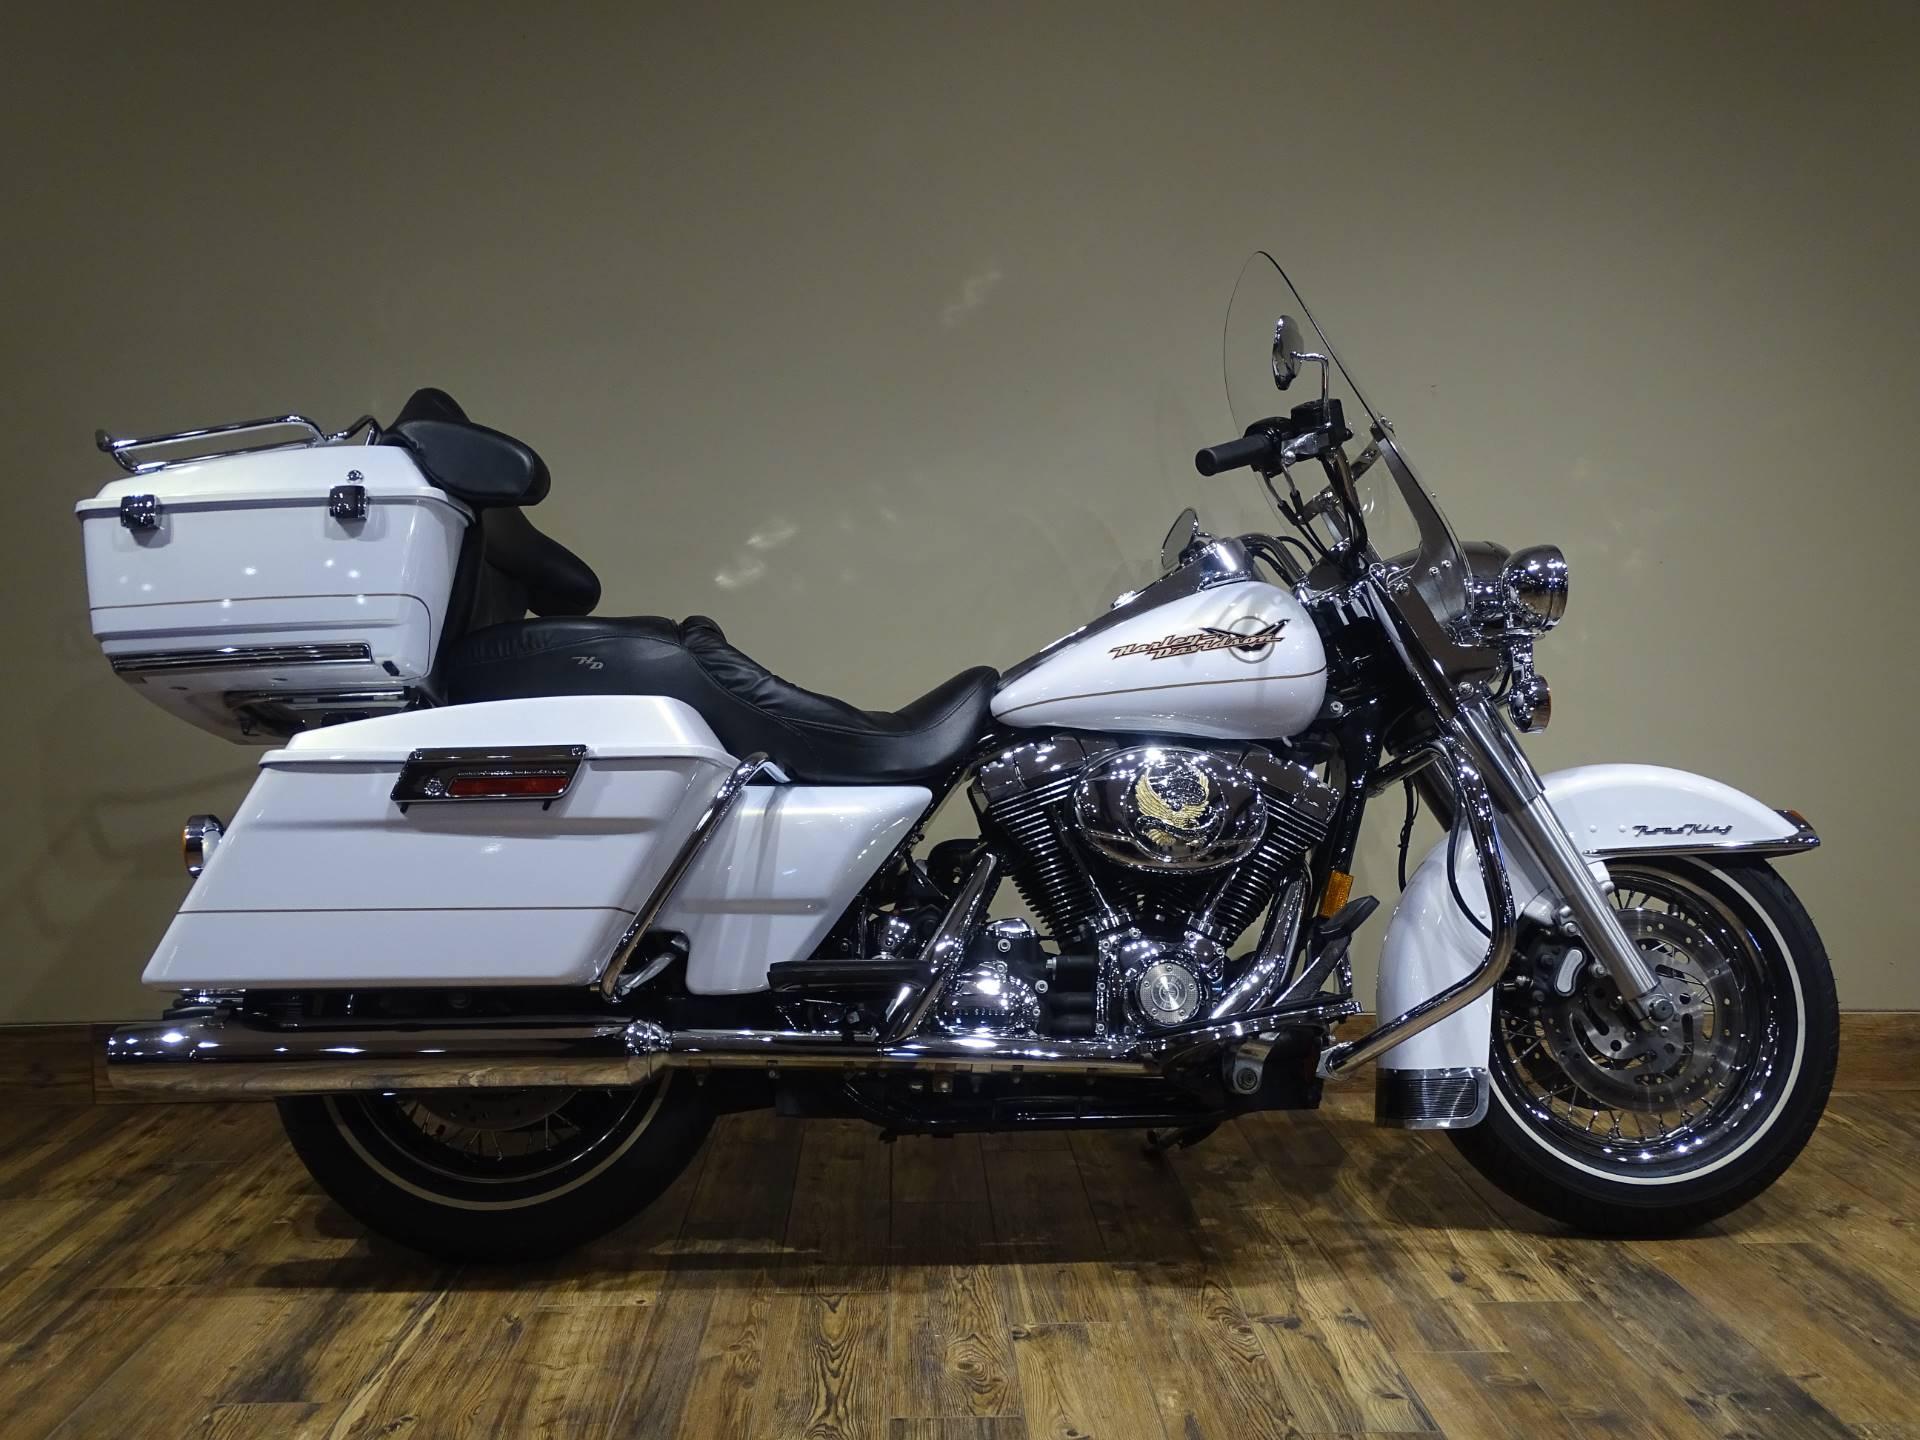 2007 Harley-Davidson FLHR Road King 1